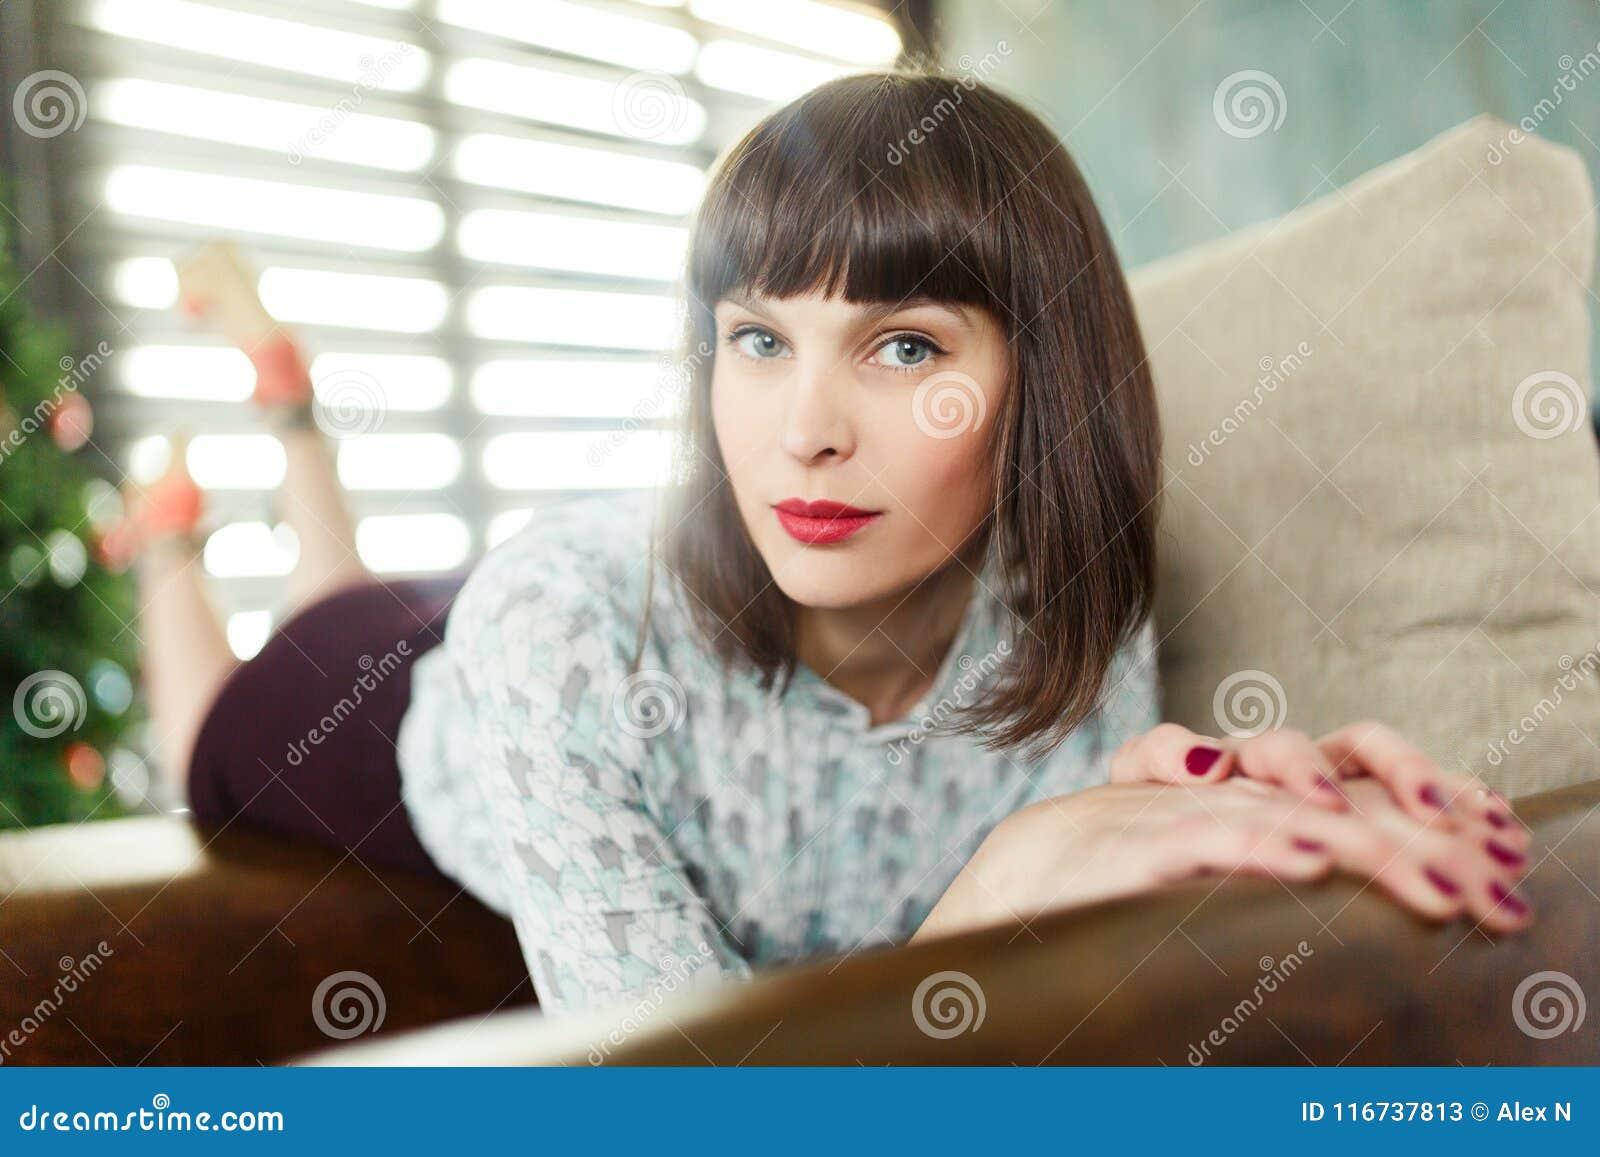 Foto van jonge donkerbruine zitting op stoel dichtbij venster met zonneblinden